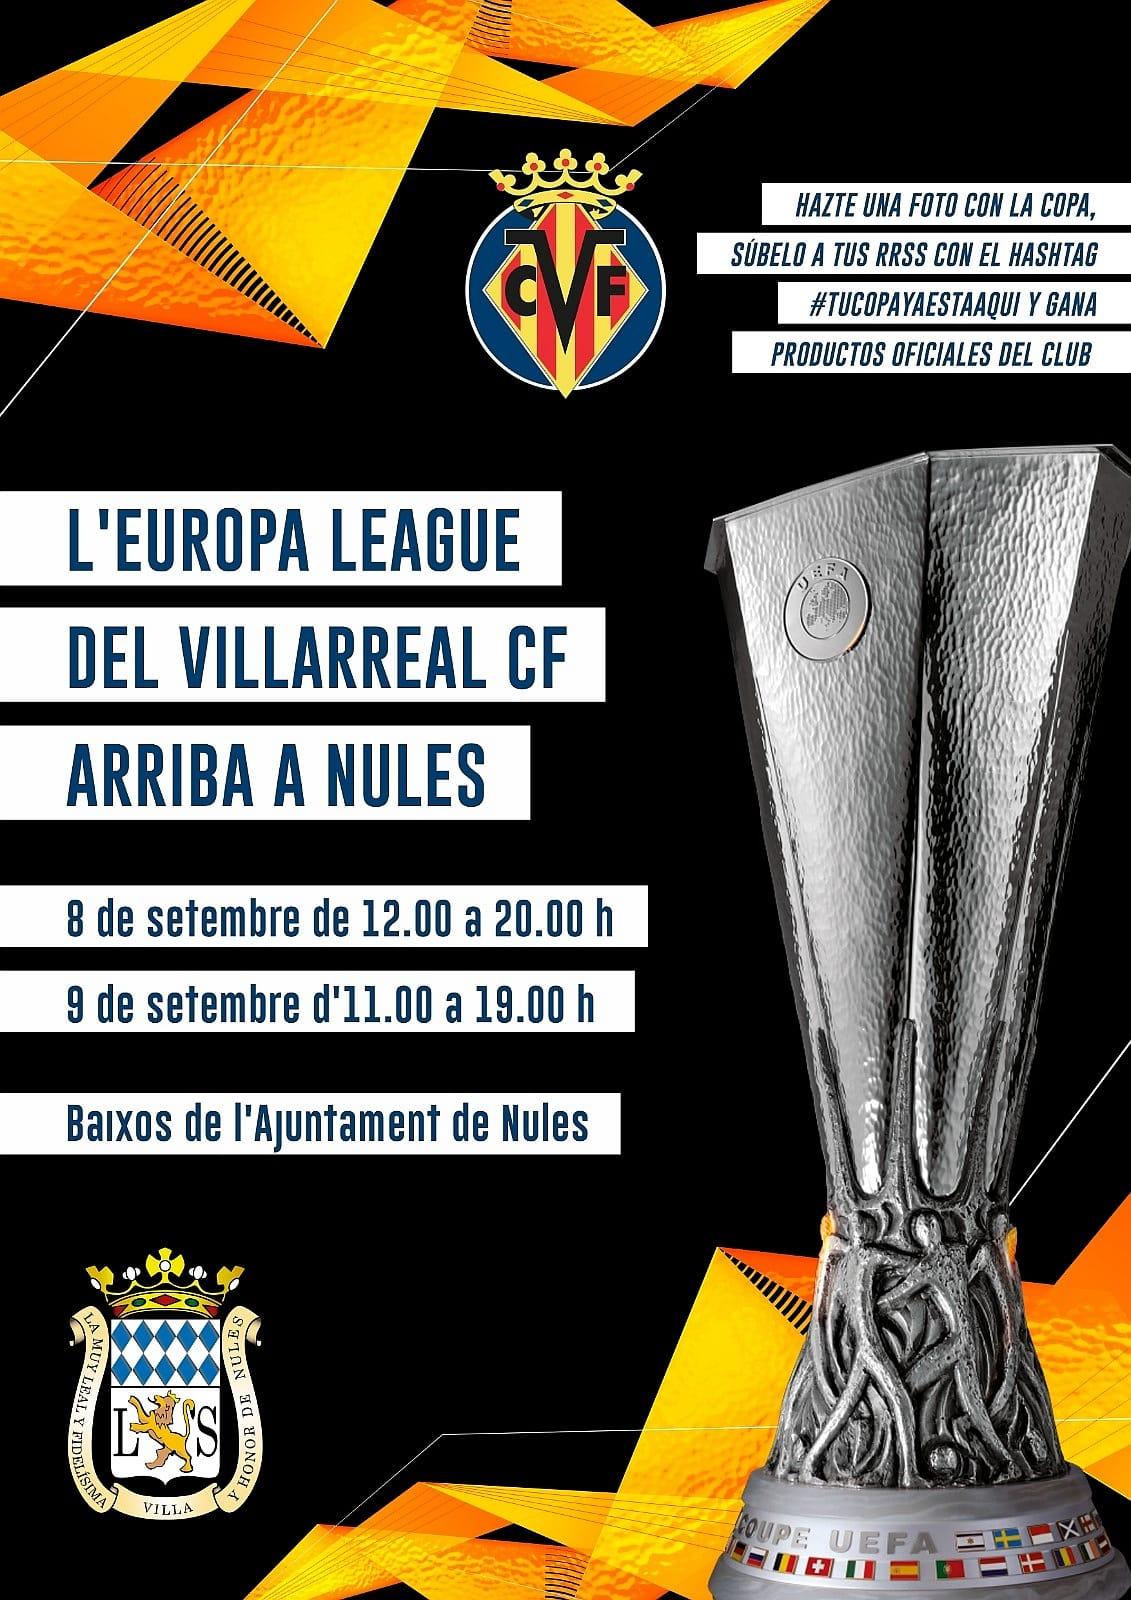 Nules recibe la copa de la Europa League del Villarreal CF